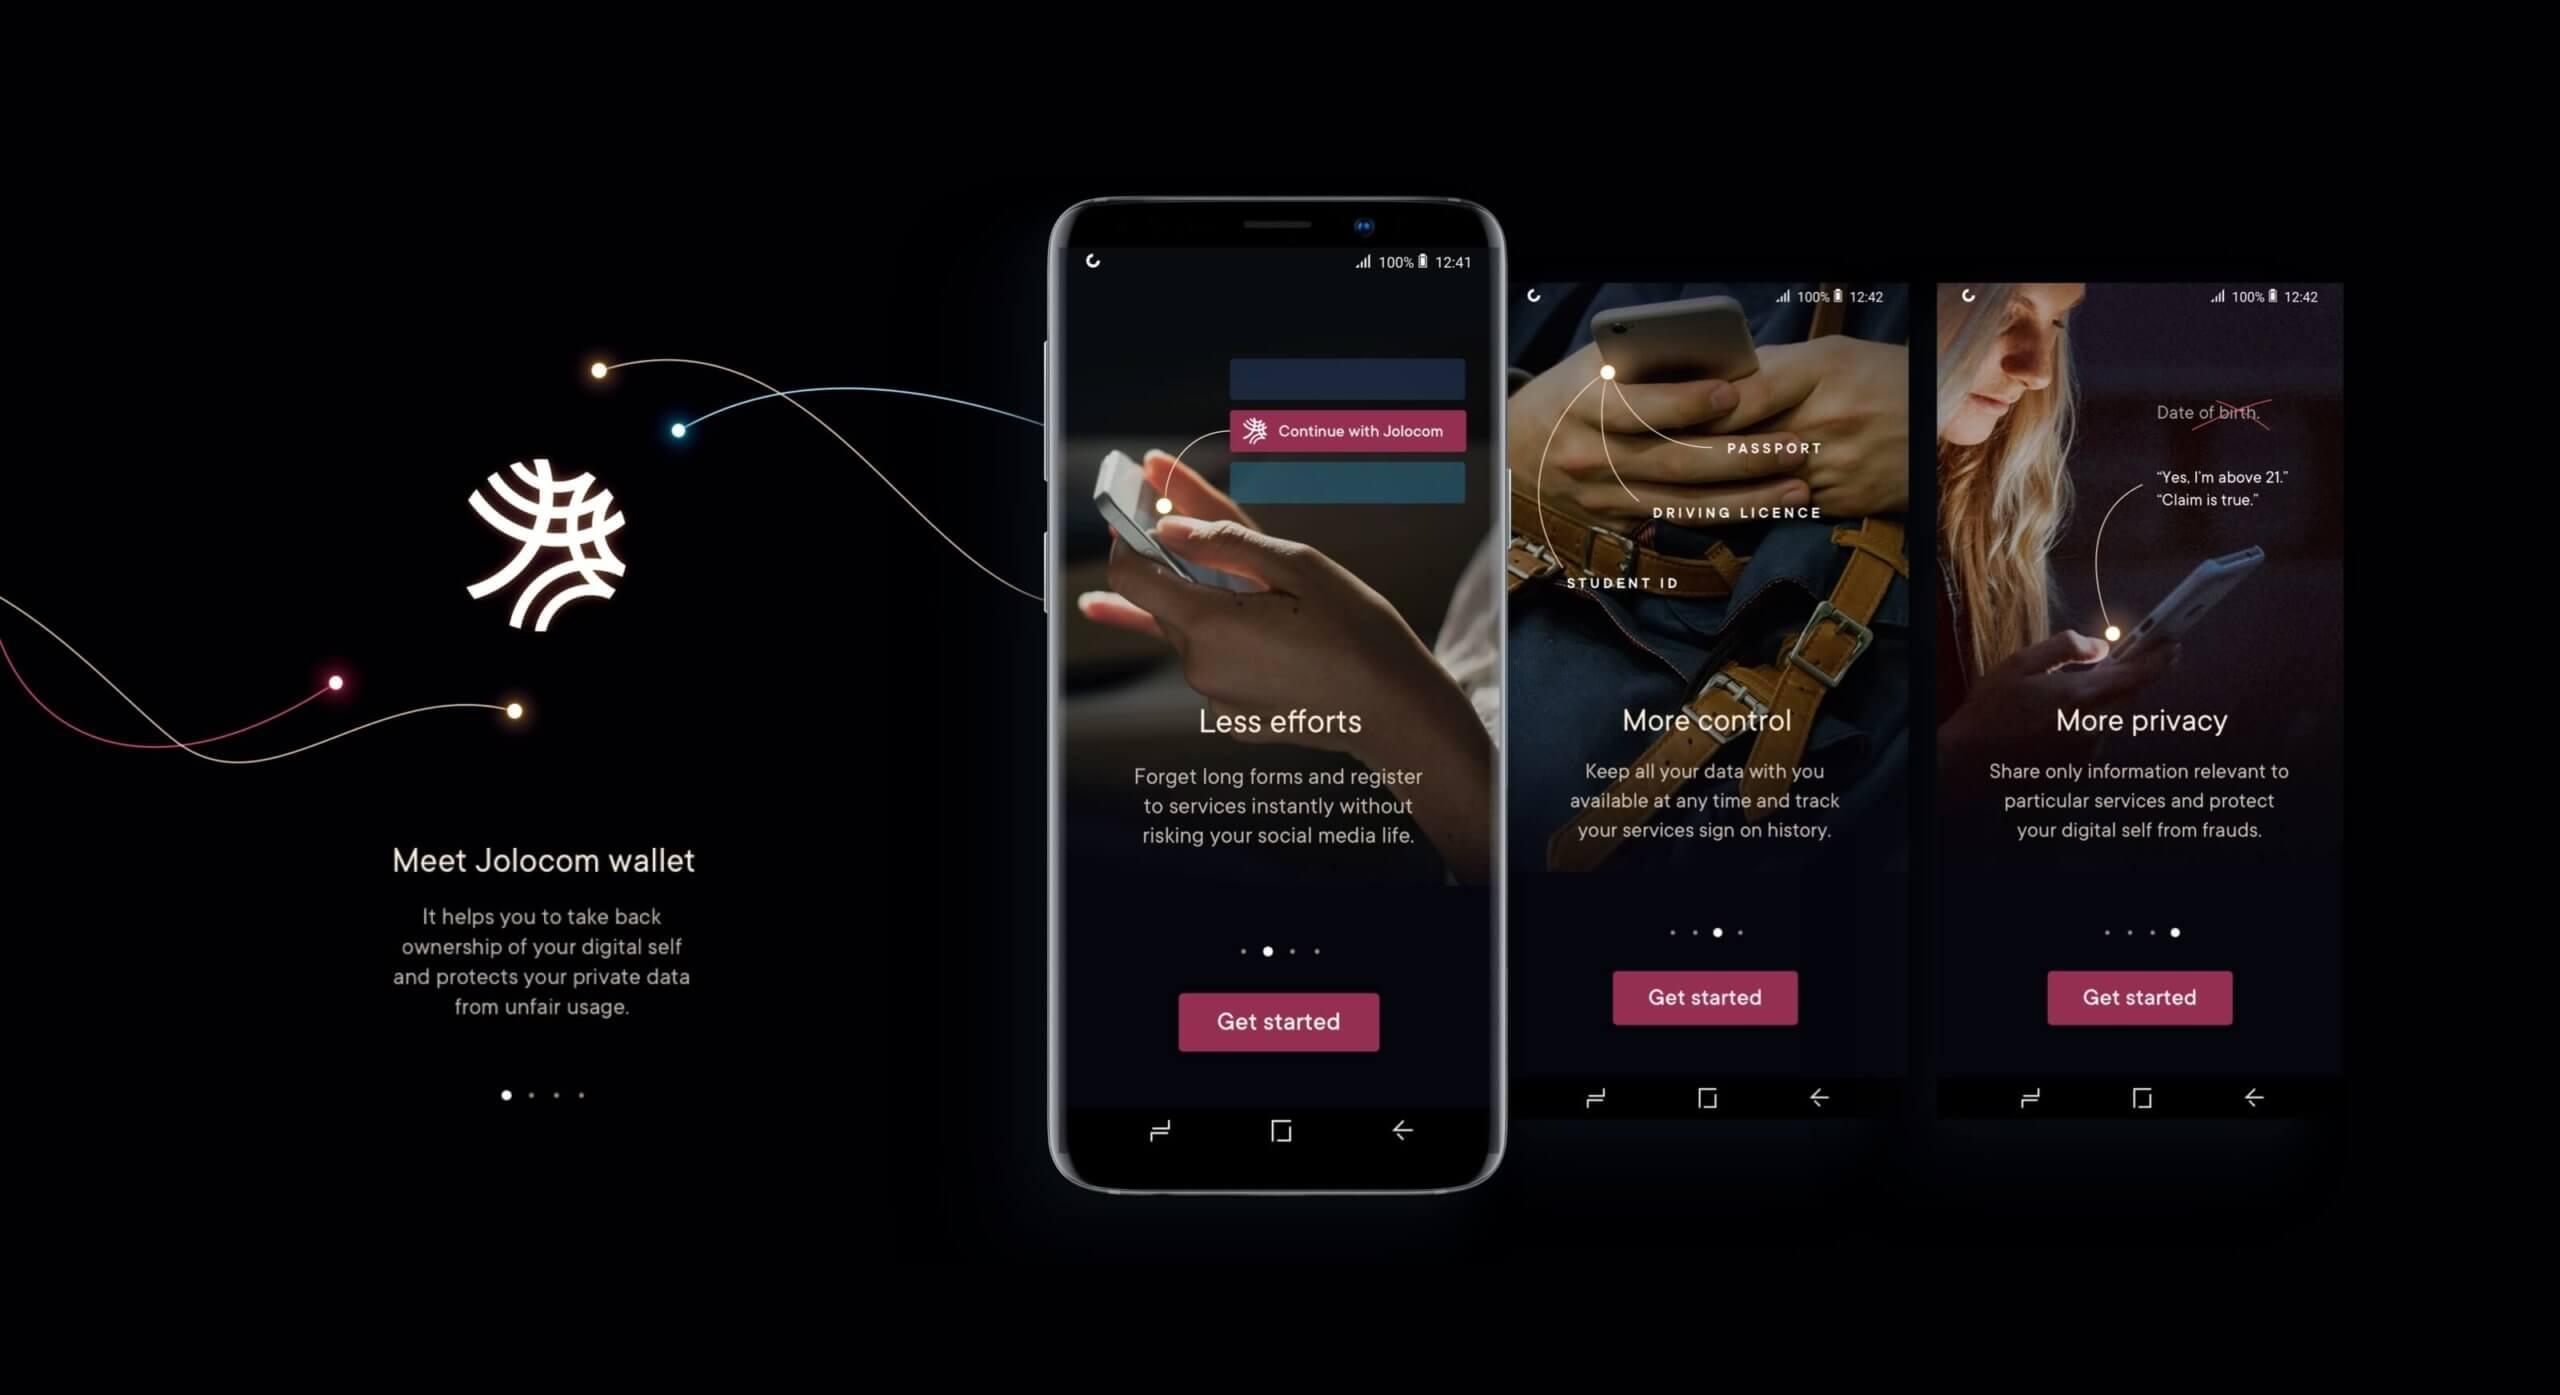 Jolocom_rebranding-Nezhynska-smartwallet-onboardingUI